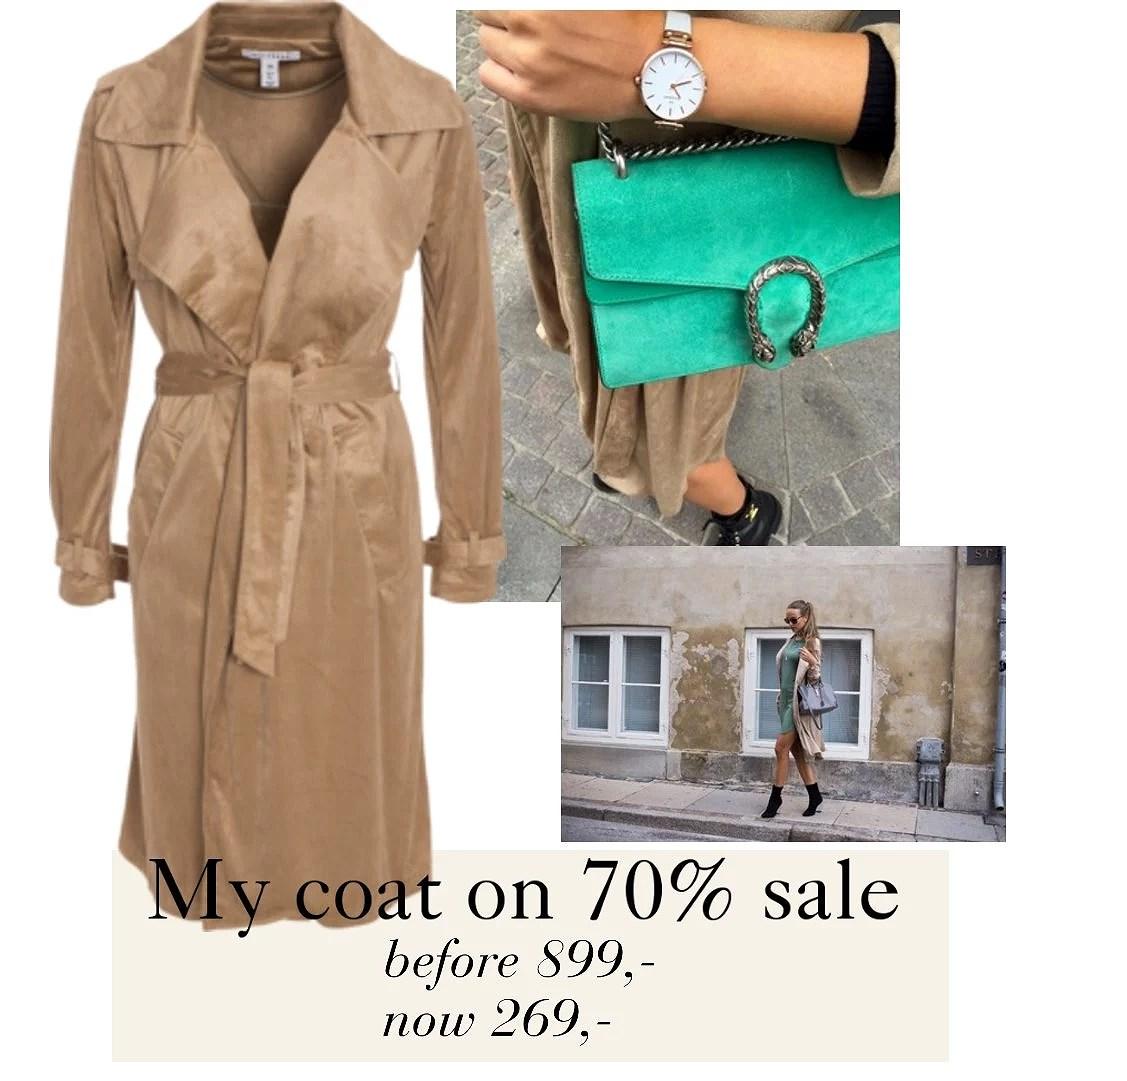 My coat on 70% sale!